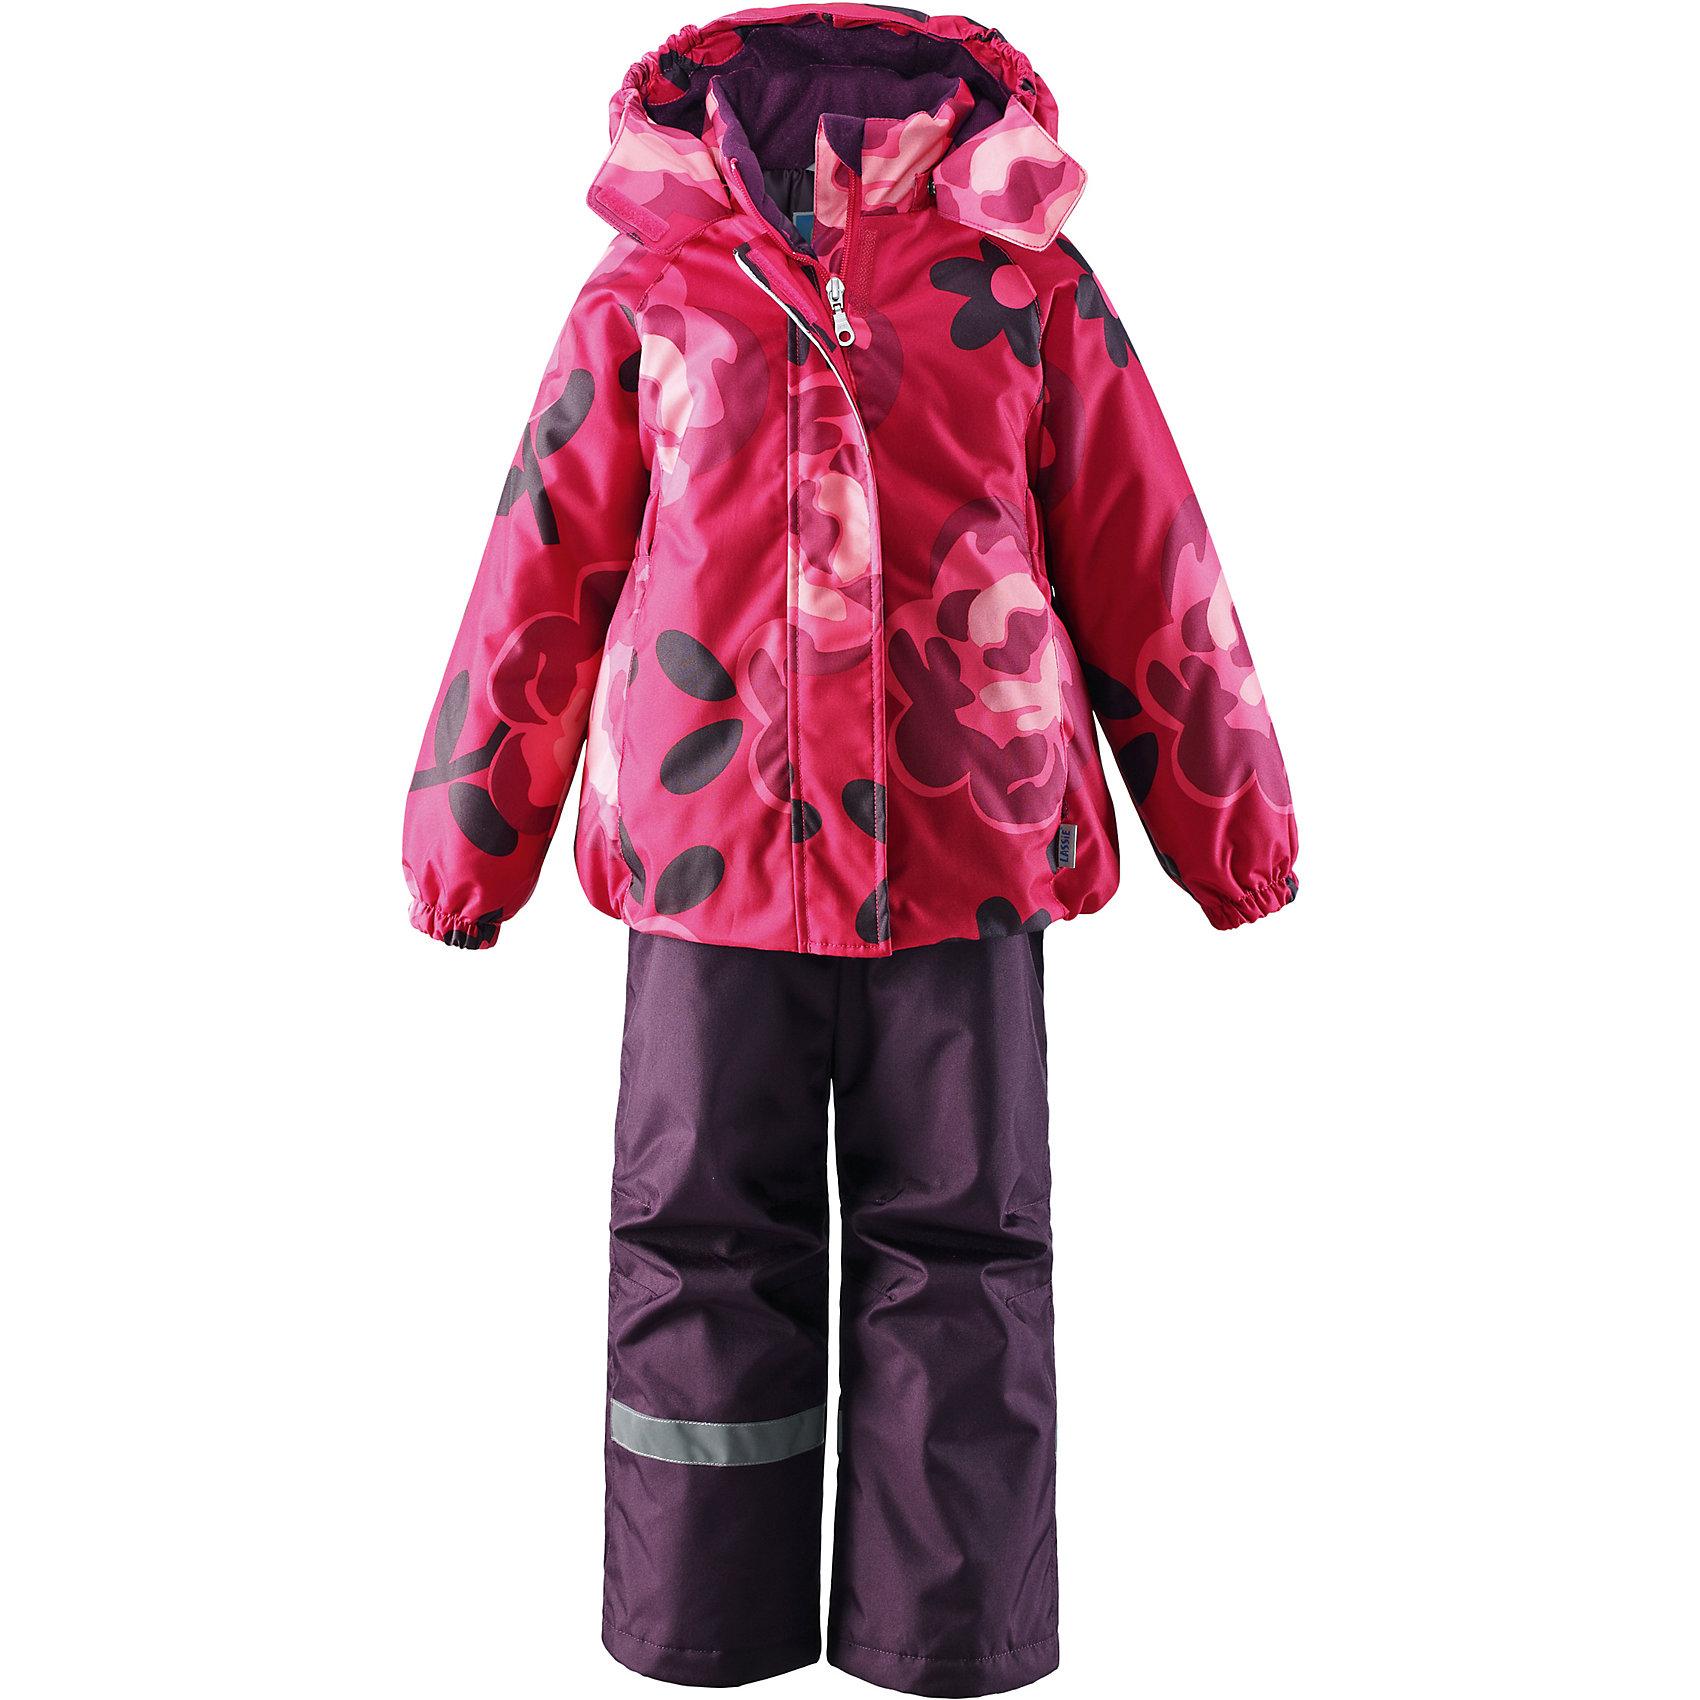 Комплект для девочки LASSIE by ReimaЗимний комплект для детей известной финской марки.<br><br>-  Прочный материал. Водоотталкивающий, ветронепроницаемый, «дышащий» и грязеотталкивающий материал.<br>-  Задний серединный шов брюк проклеен.<br>-  Гладкая подкладка из полиэстра.<br>-  Средняя степень утепления. <br>- Безопасный, съемный капюшон.<br>-  Эластичные манжеты. Эластичная талия. <br>- Регулируемый подол. Снегозащитные манжеты на штанинах. <br>- Ширинка на молнии. Карманы в боковых швах.<br>-  Регулируемые и отстегивающиеся эластичные подтяжки.<br>-  Принт по всей поверхности. <br><br> Рекомендации по уходу: Стирать по отдельности, вывернув наизнанку. Застегнуть молнии и липучки. Соблюдать температуру в соответствии с руководством по уходу. Стирать моющим средством, не содержащим отбеливающие вещества. Полоскать без специального средства. Сушение в сушильном шкафу разрешено при  низкой температуре.<br><br>Состав: 100% Полиамид, полиуретановое покрытие.  Утеплитель «Lassie wadding» 100гр.(брюки); 180гр.(куртка).<br><br>Ширина мм: 190<br>Глубина мм: 74<br>Высота мм: 229<br>Вес г: 236<br>Цвет: розовый<br>Возраст от месяцев: 18<br>Возраст до месяцев: 24<br>Пол: Женский<br>Возраст: Детский<br>Размер: 92,140,134,128,122,116,110,104,98<br>SKU: 4782178